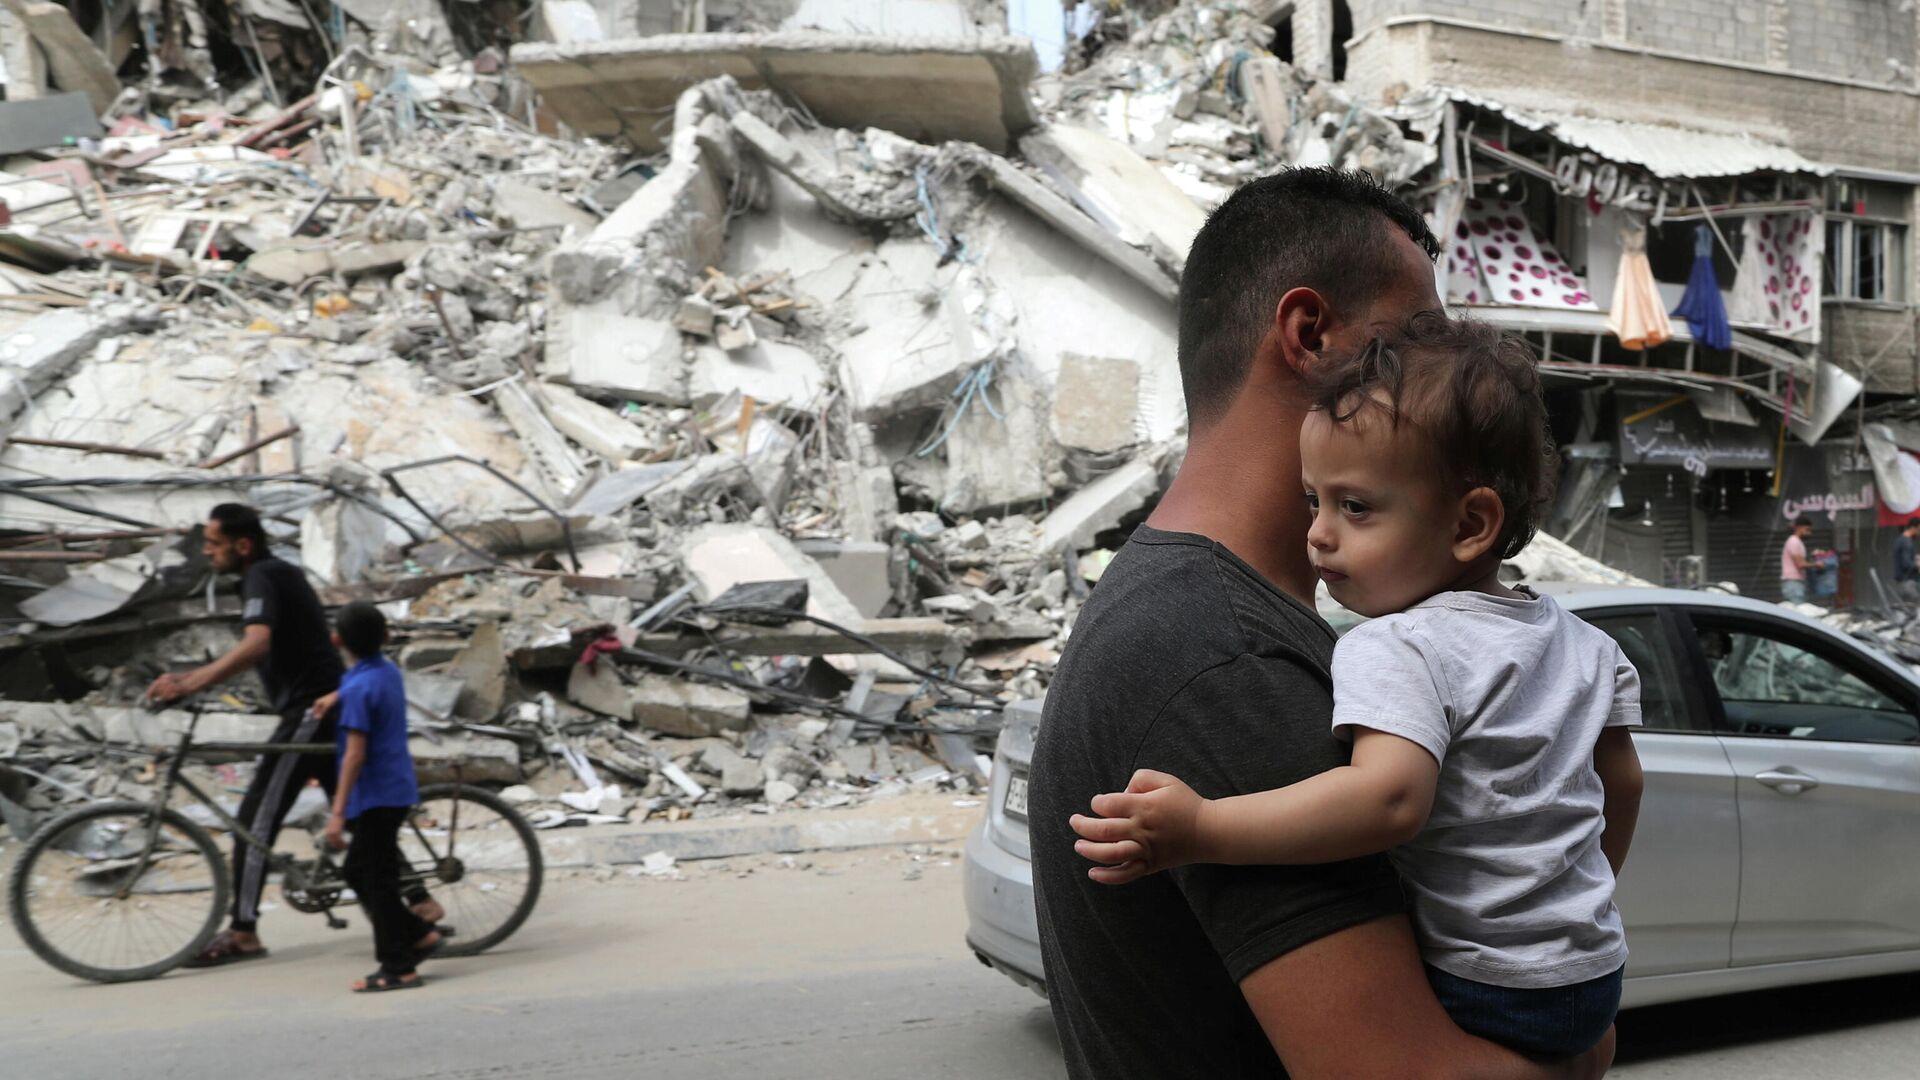 Палестинец с ребенком проходит мимо разрушенных в результате бомбардировки зданий в секторе Газа, после объявления о прекращении огня между Израилем и ХАМАС - РИА Новости, 1920, 01.06.2021